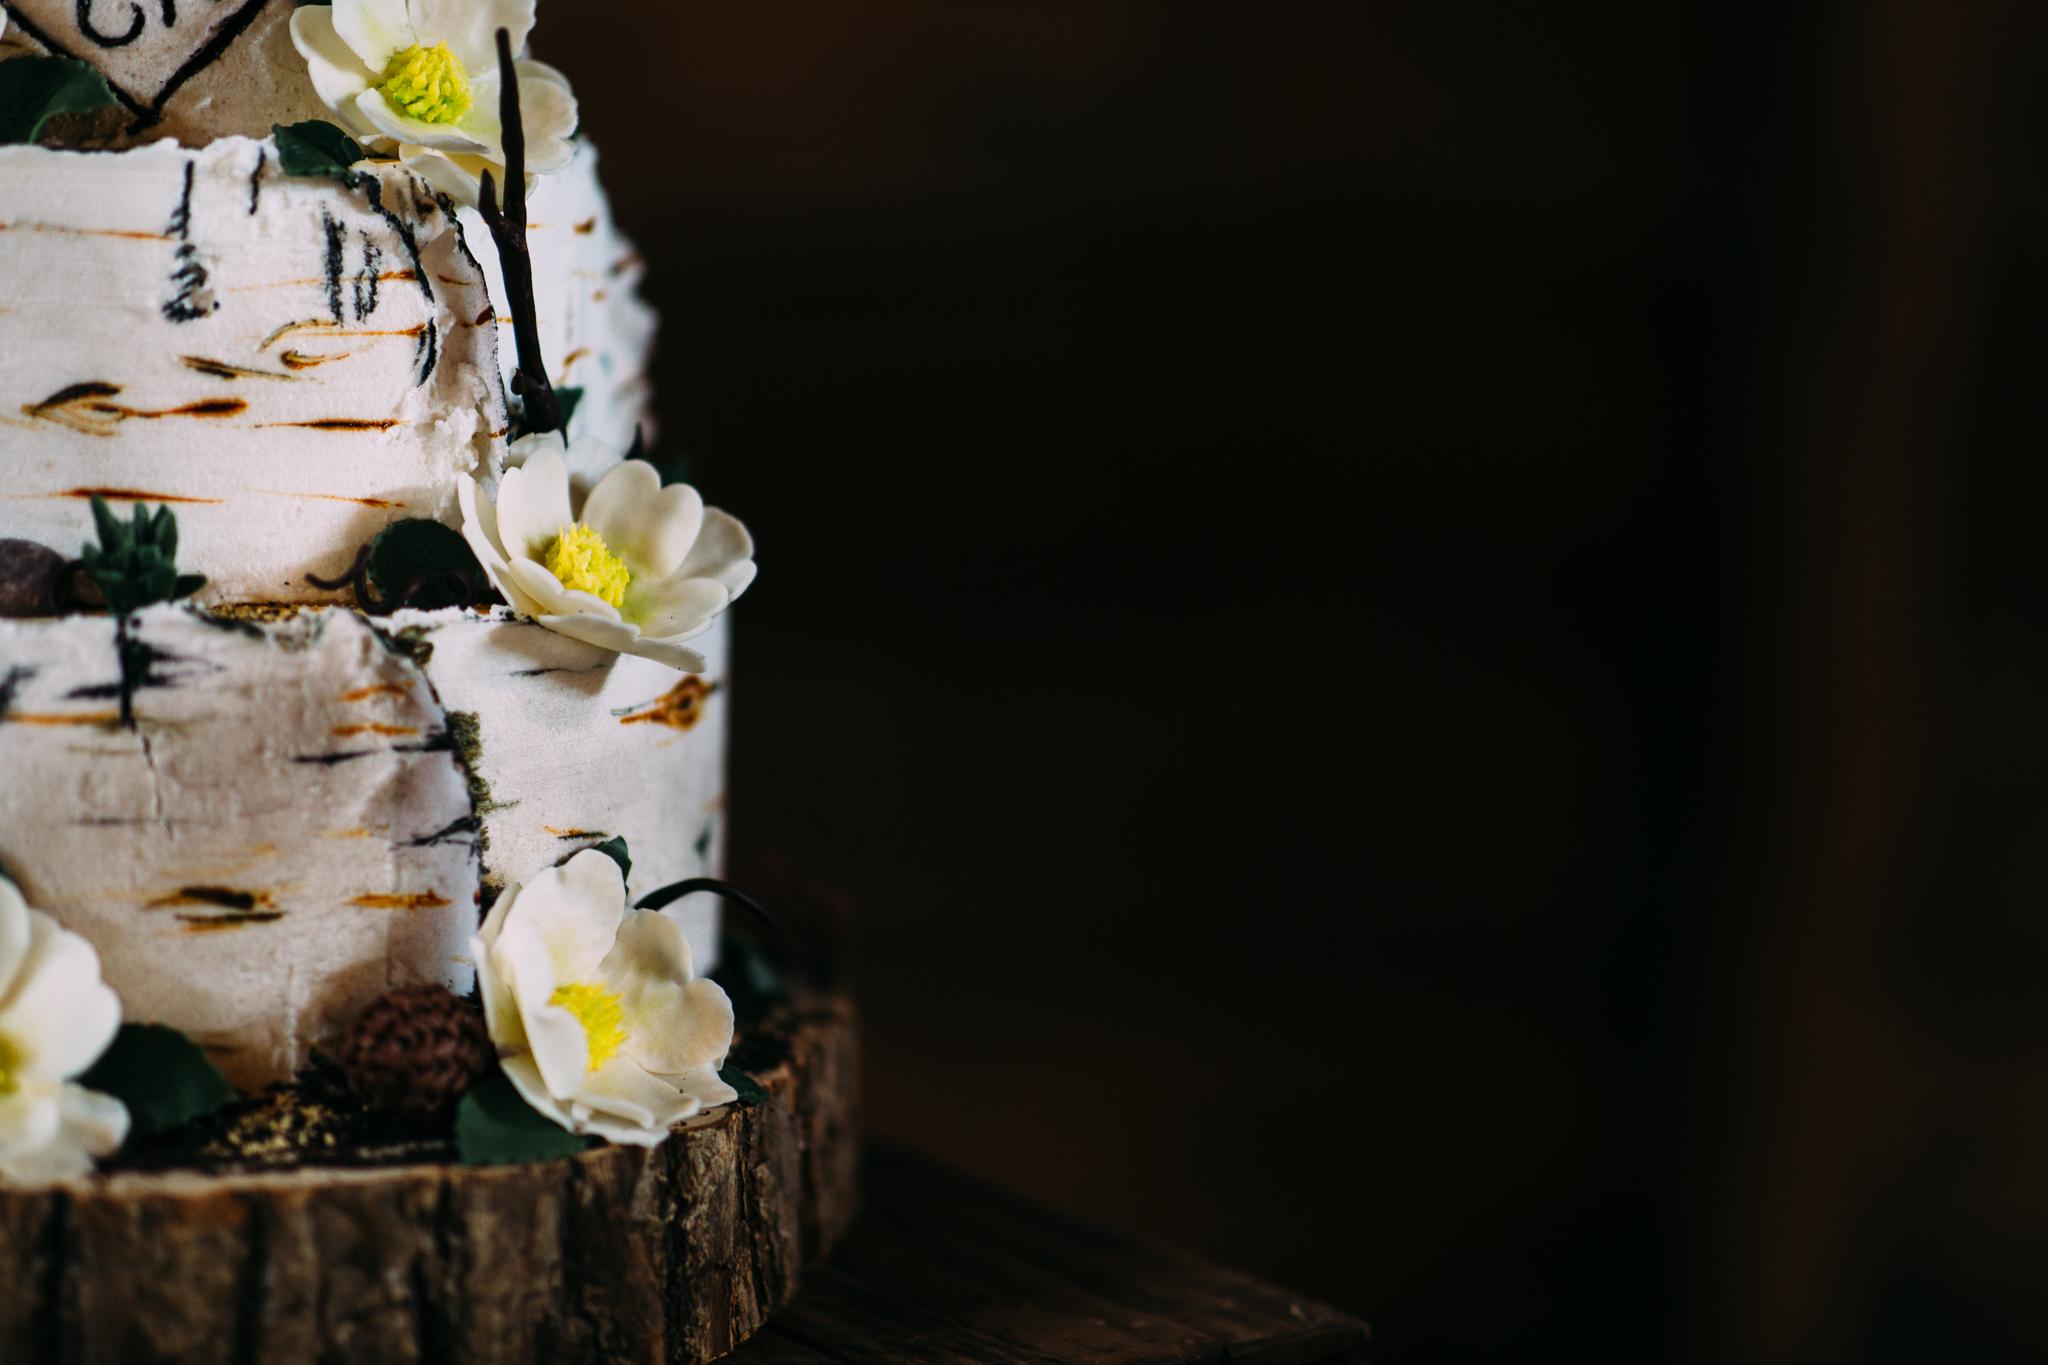 maine-wedding-cake-details-rustic-flowers.jpg